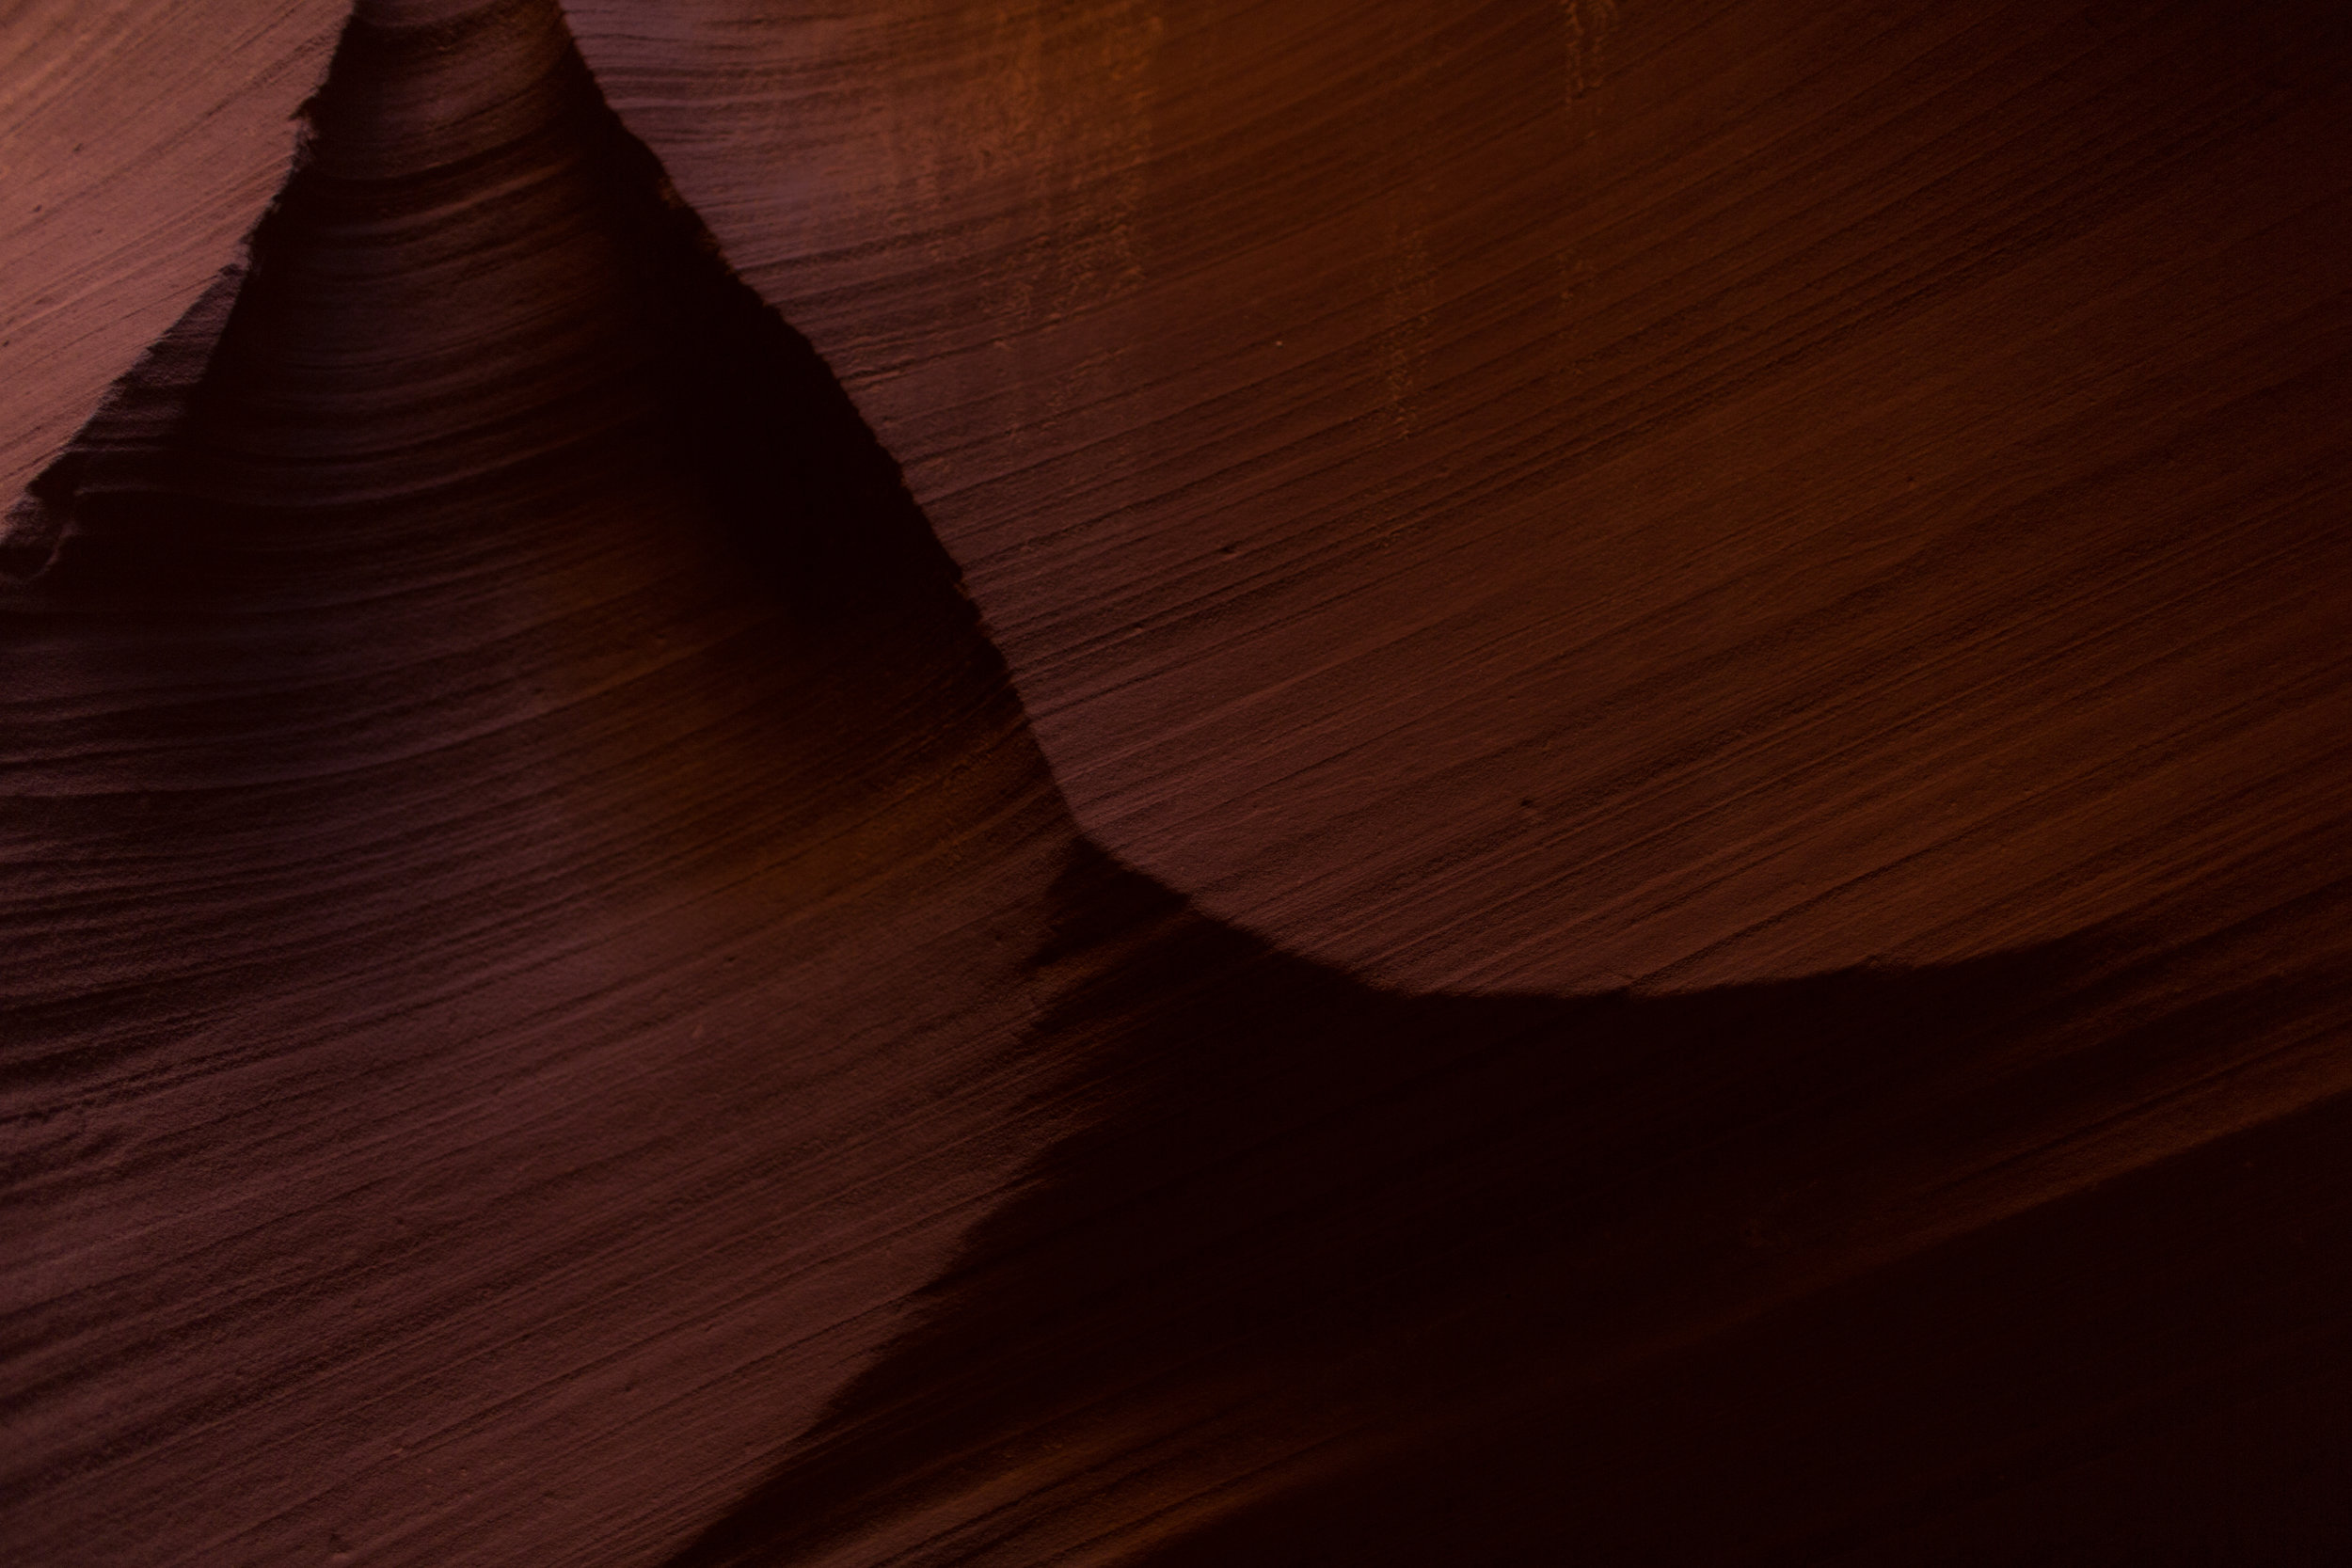 Antelope-1-17.jpg